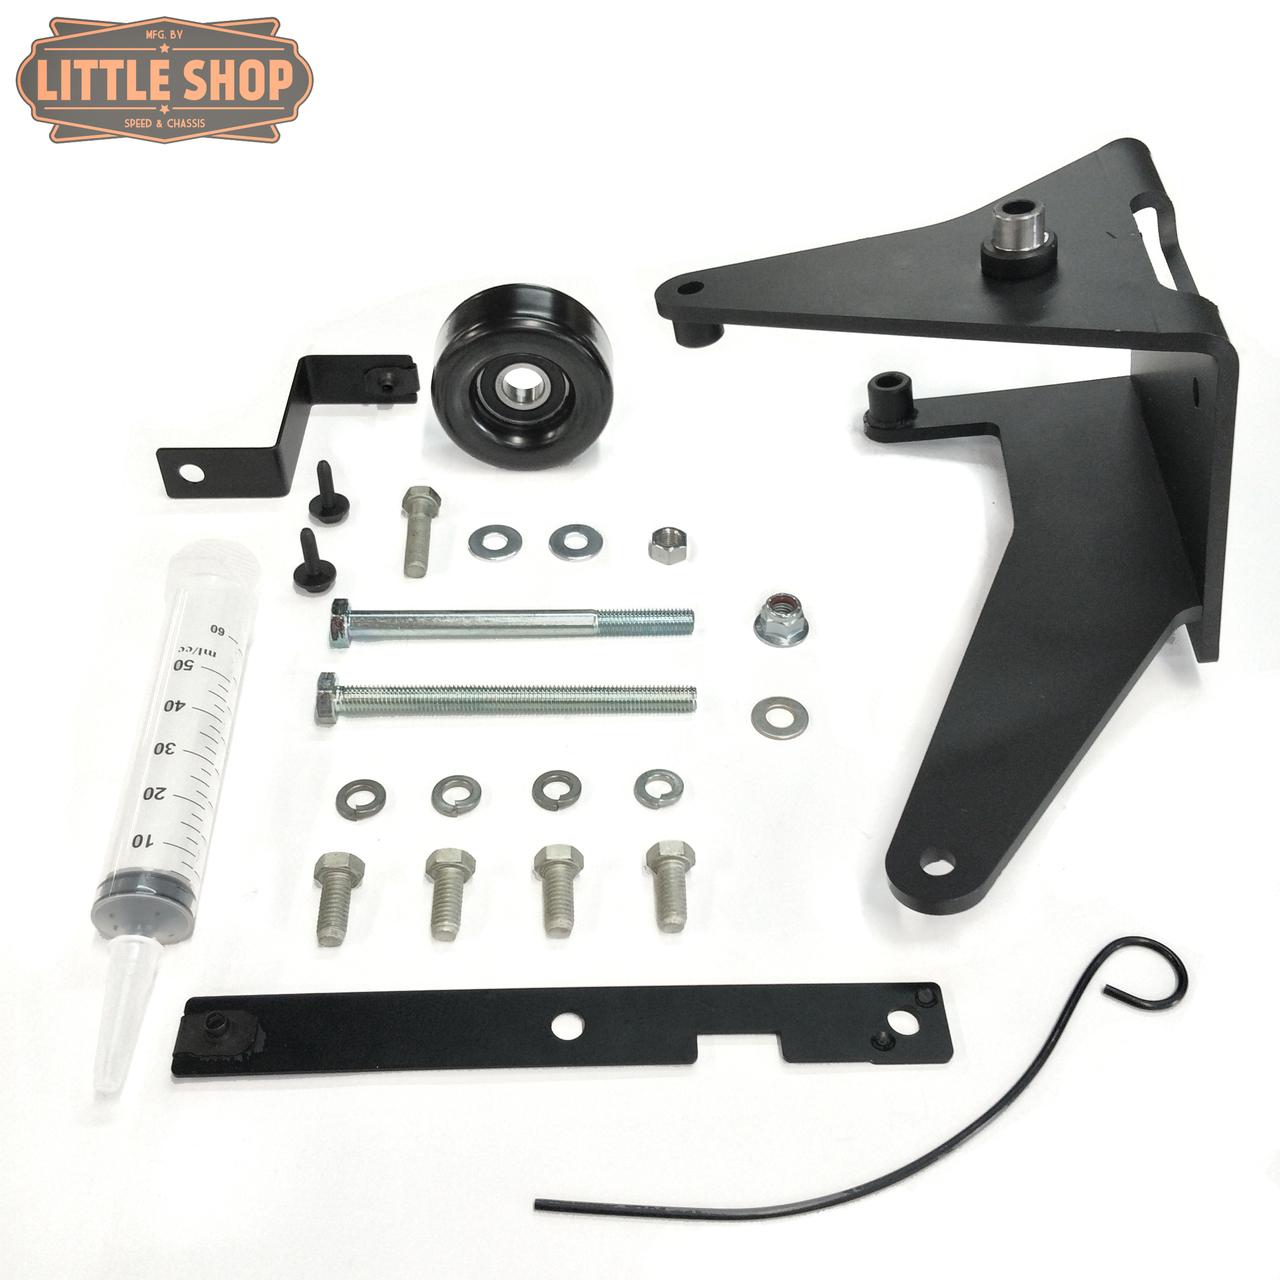 LSMFG-LS-JYD 99'-13' GM 4.8, 5.3, 6.0, 6.2 LS Engine Driven Compressor Junkyard Dog Kit (Bracket, Hardware and pulley only)